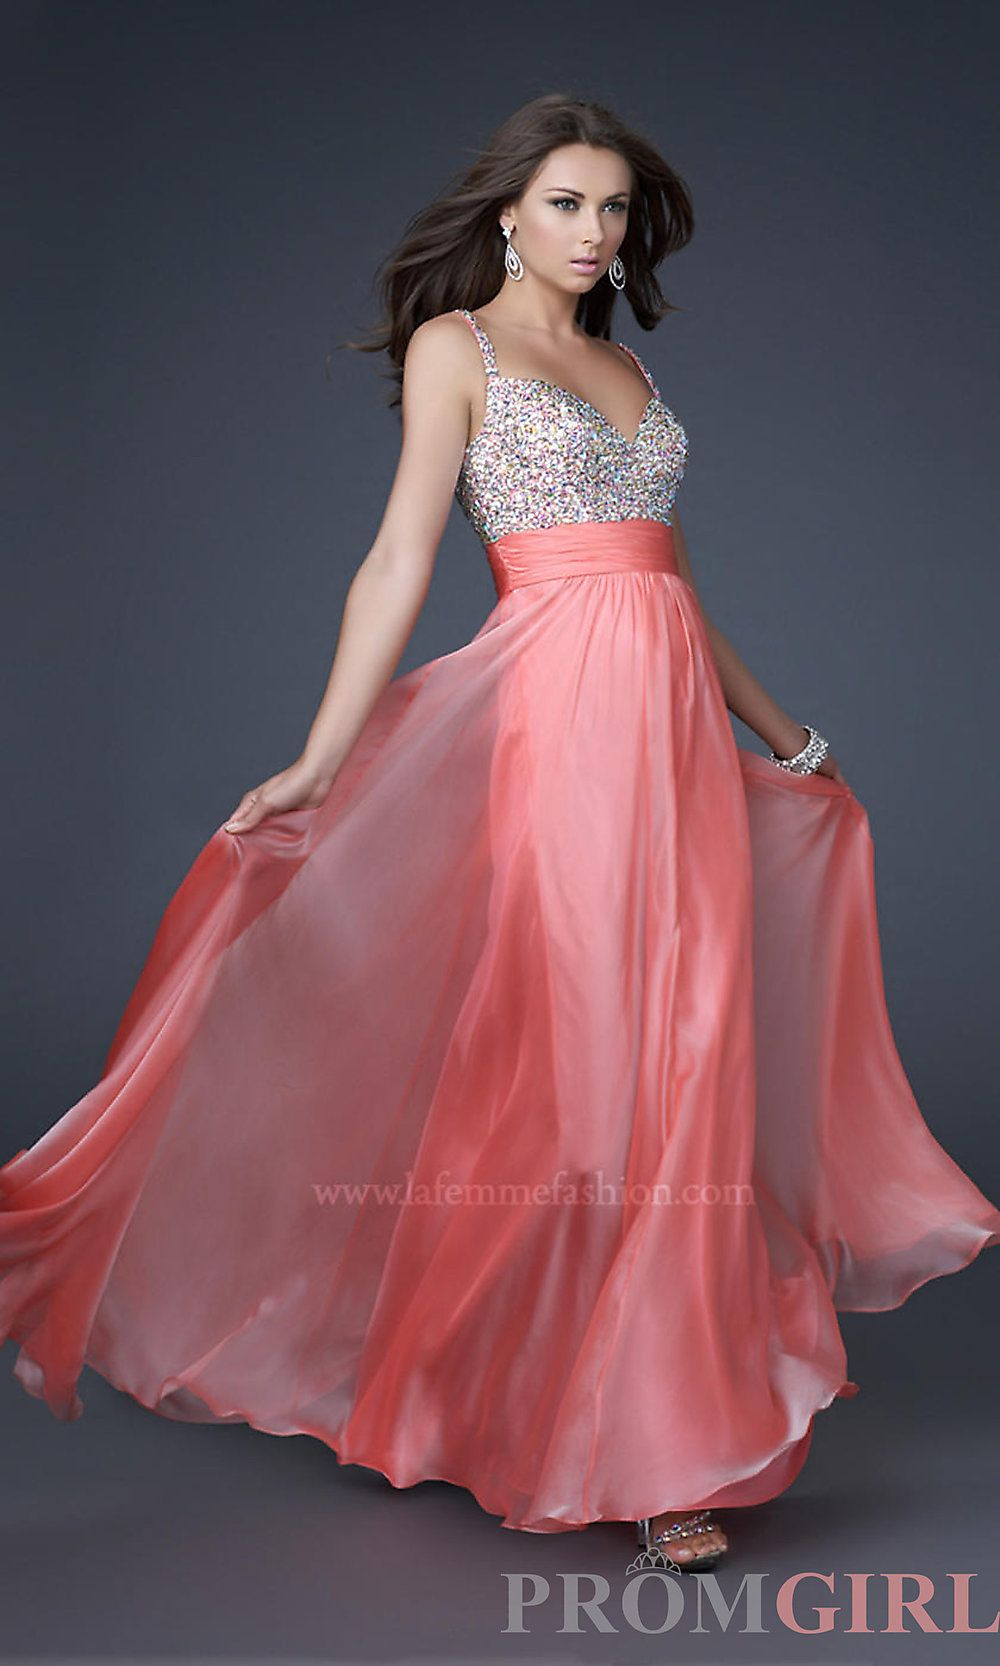 Promgirl Gorgeous La Femme Prom Dress Style: LF-16802 | http://www ...